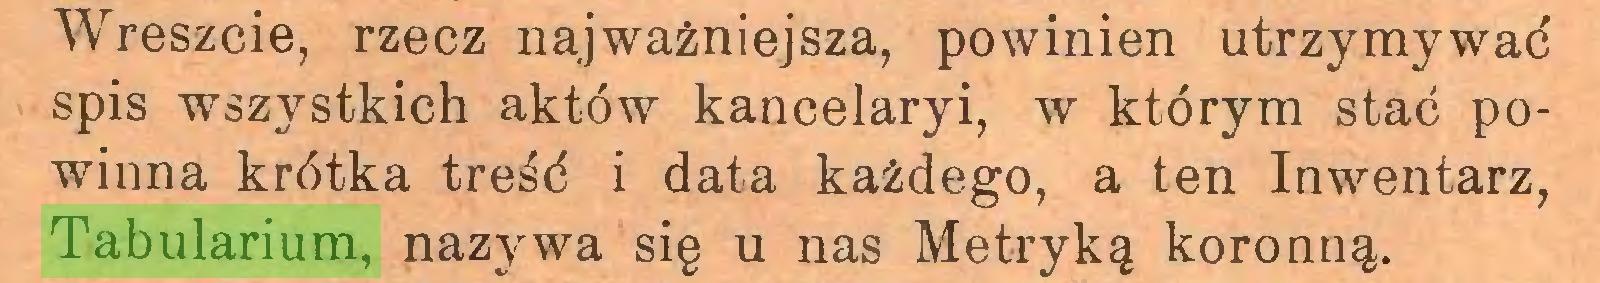 (...) Wreszcie, rzecz najważniejsza, powinien utrzymywać spis wszystkich aktów kancelaryi, w którym stać powinna krótka treść i data każdego, a ten Inwentarz, Tabularium, nazywa się u nas Metryką koronną...